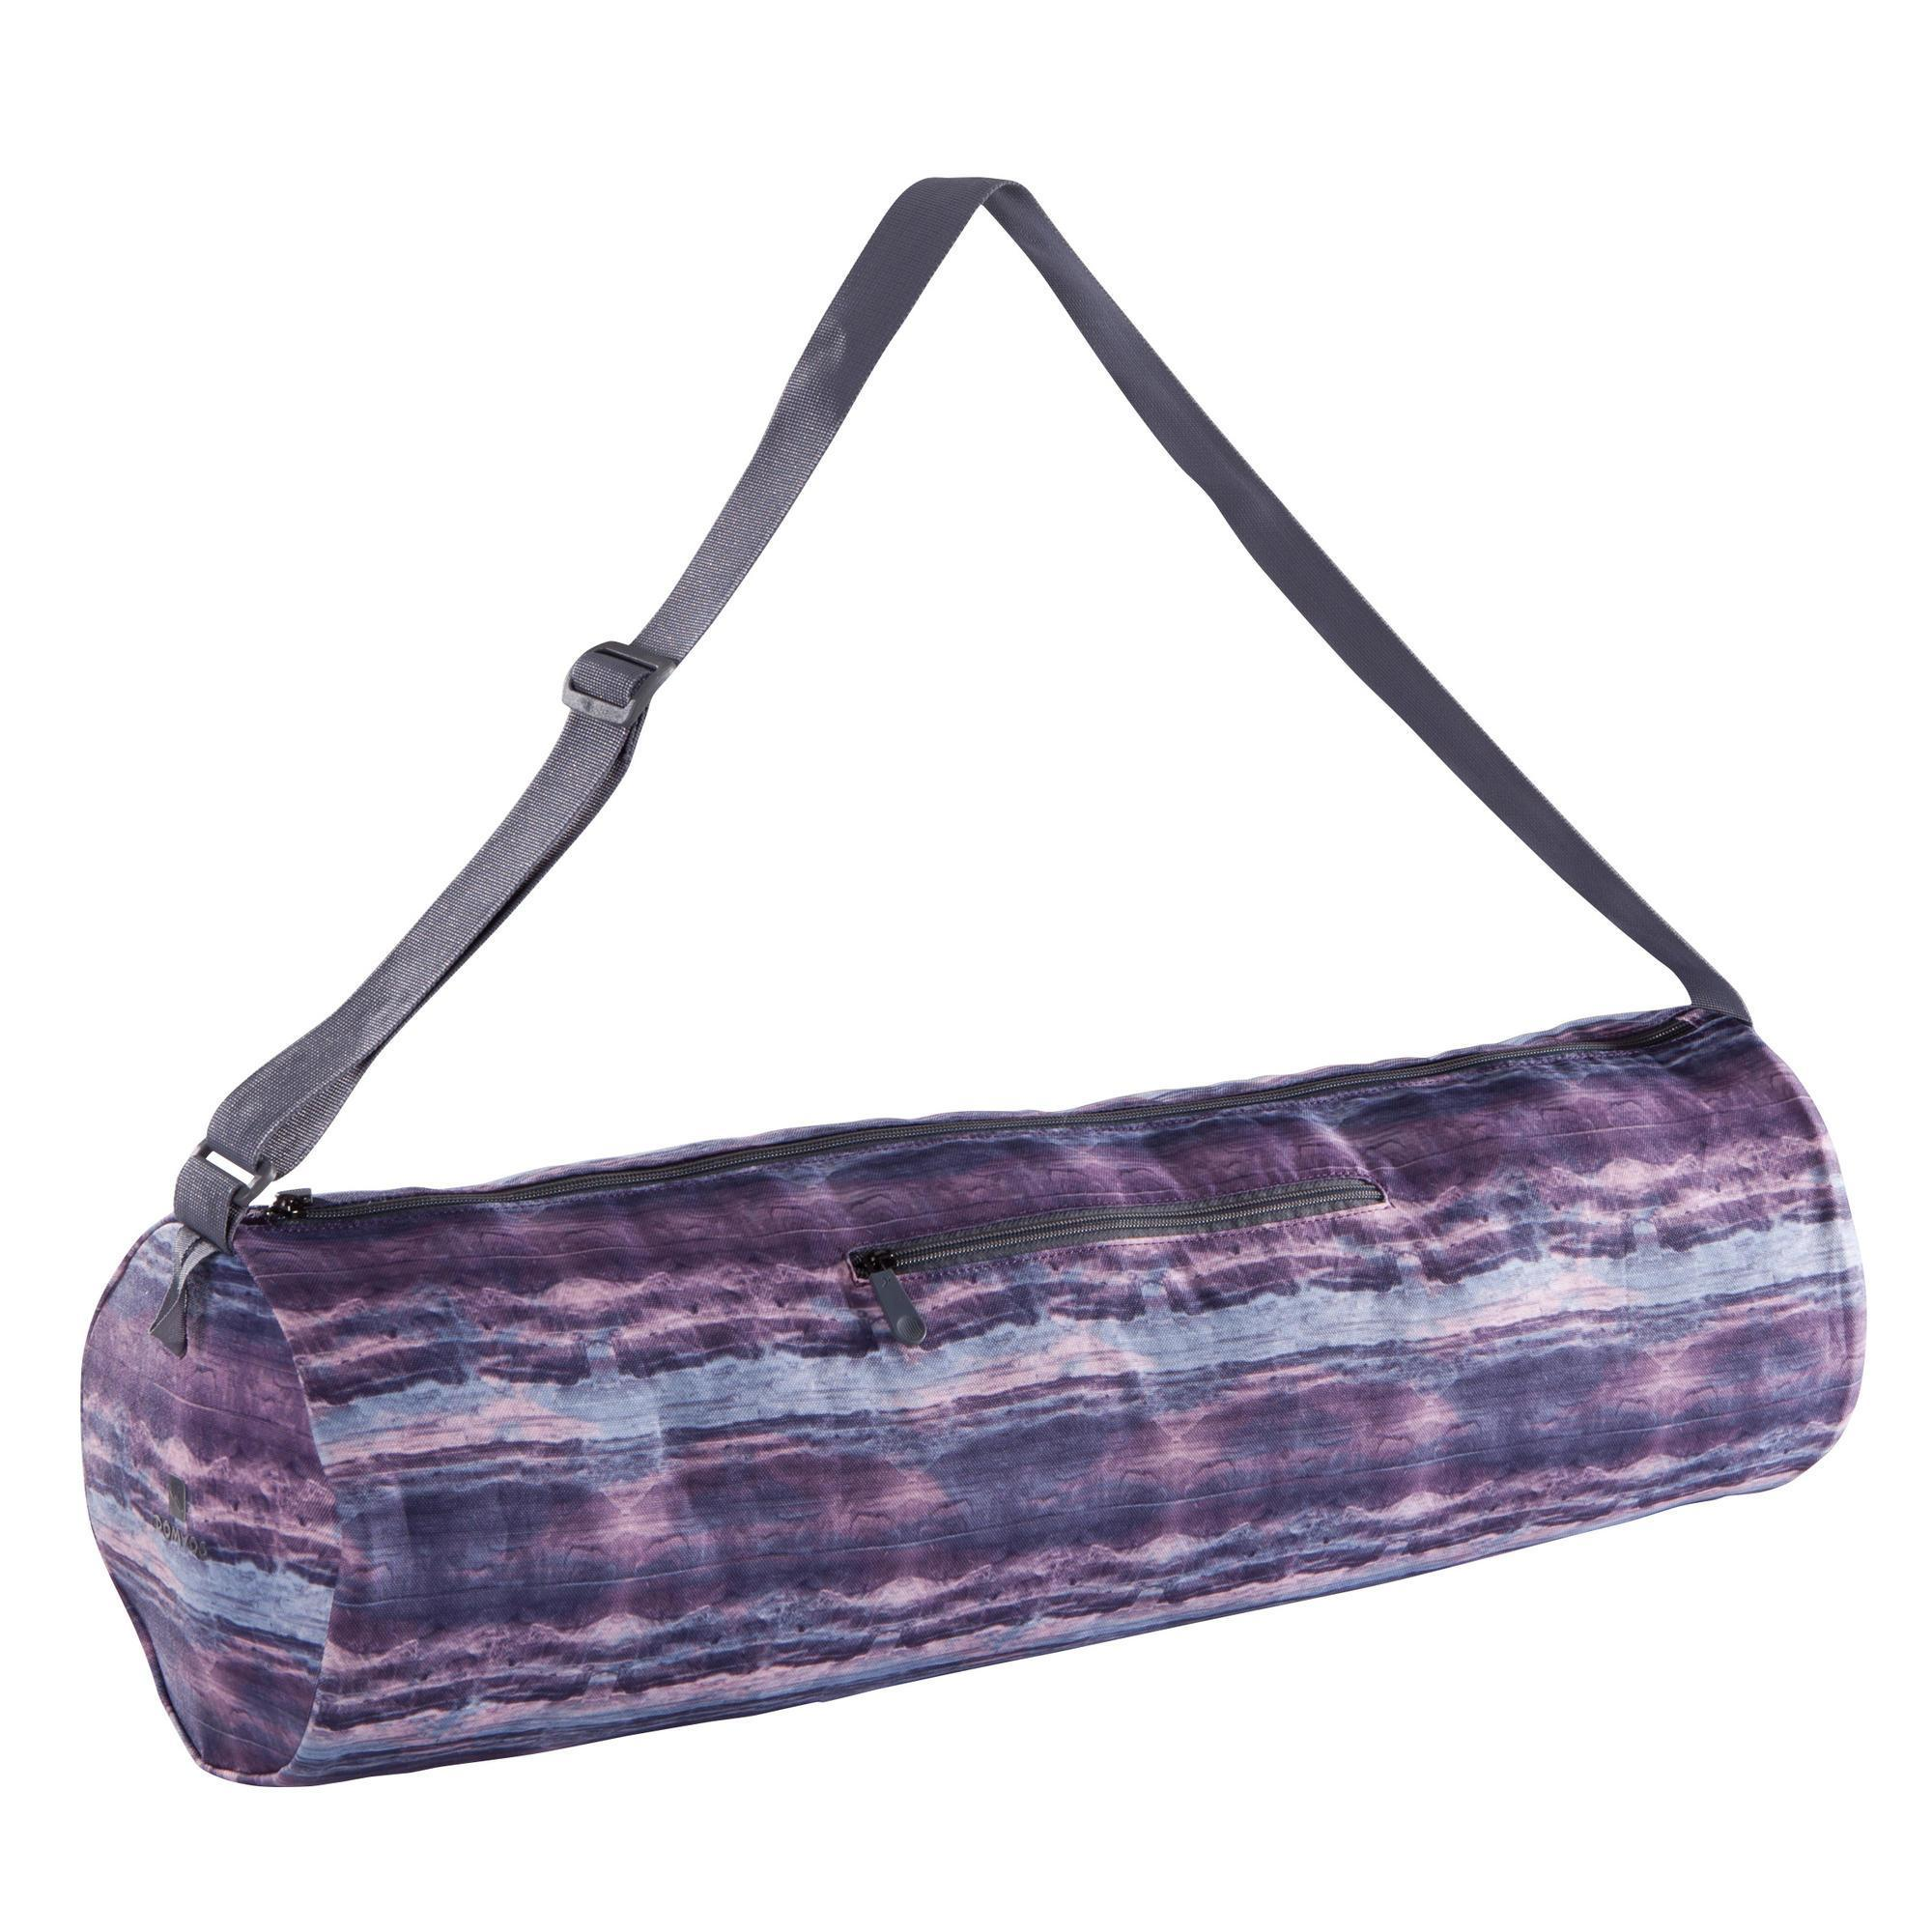 0973f453af69bc ... Gym Bag Decathlon: Yoga Mat Bag - Printed